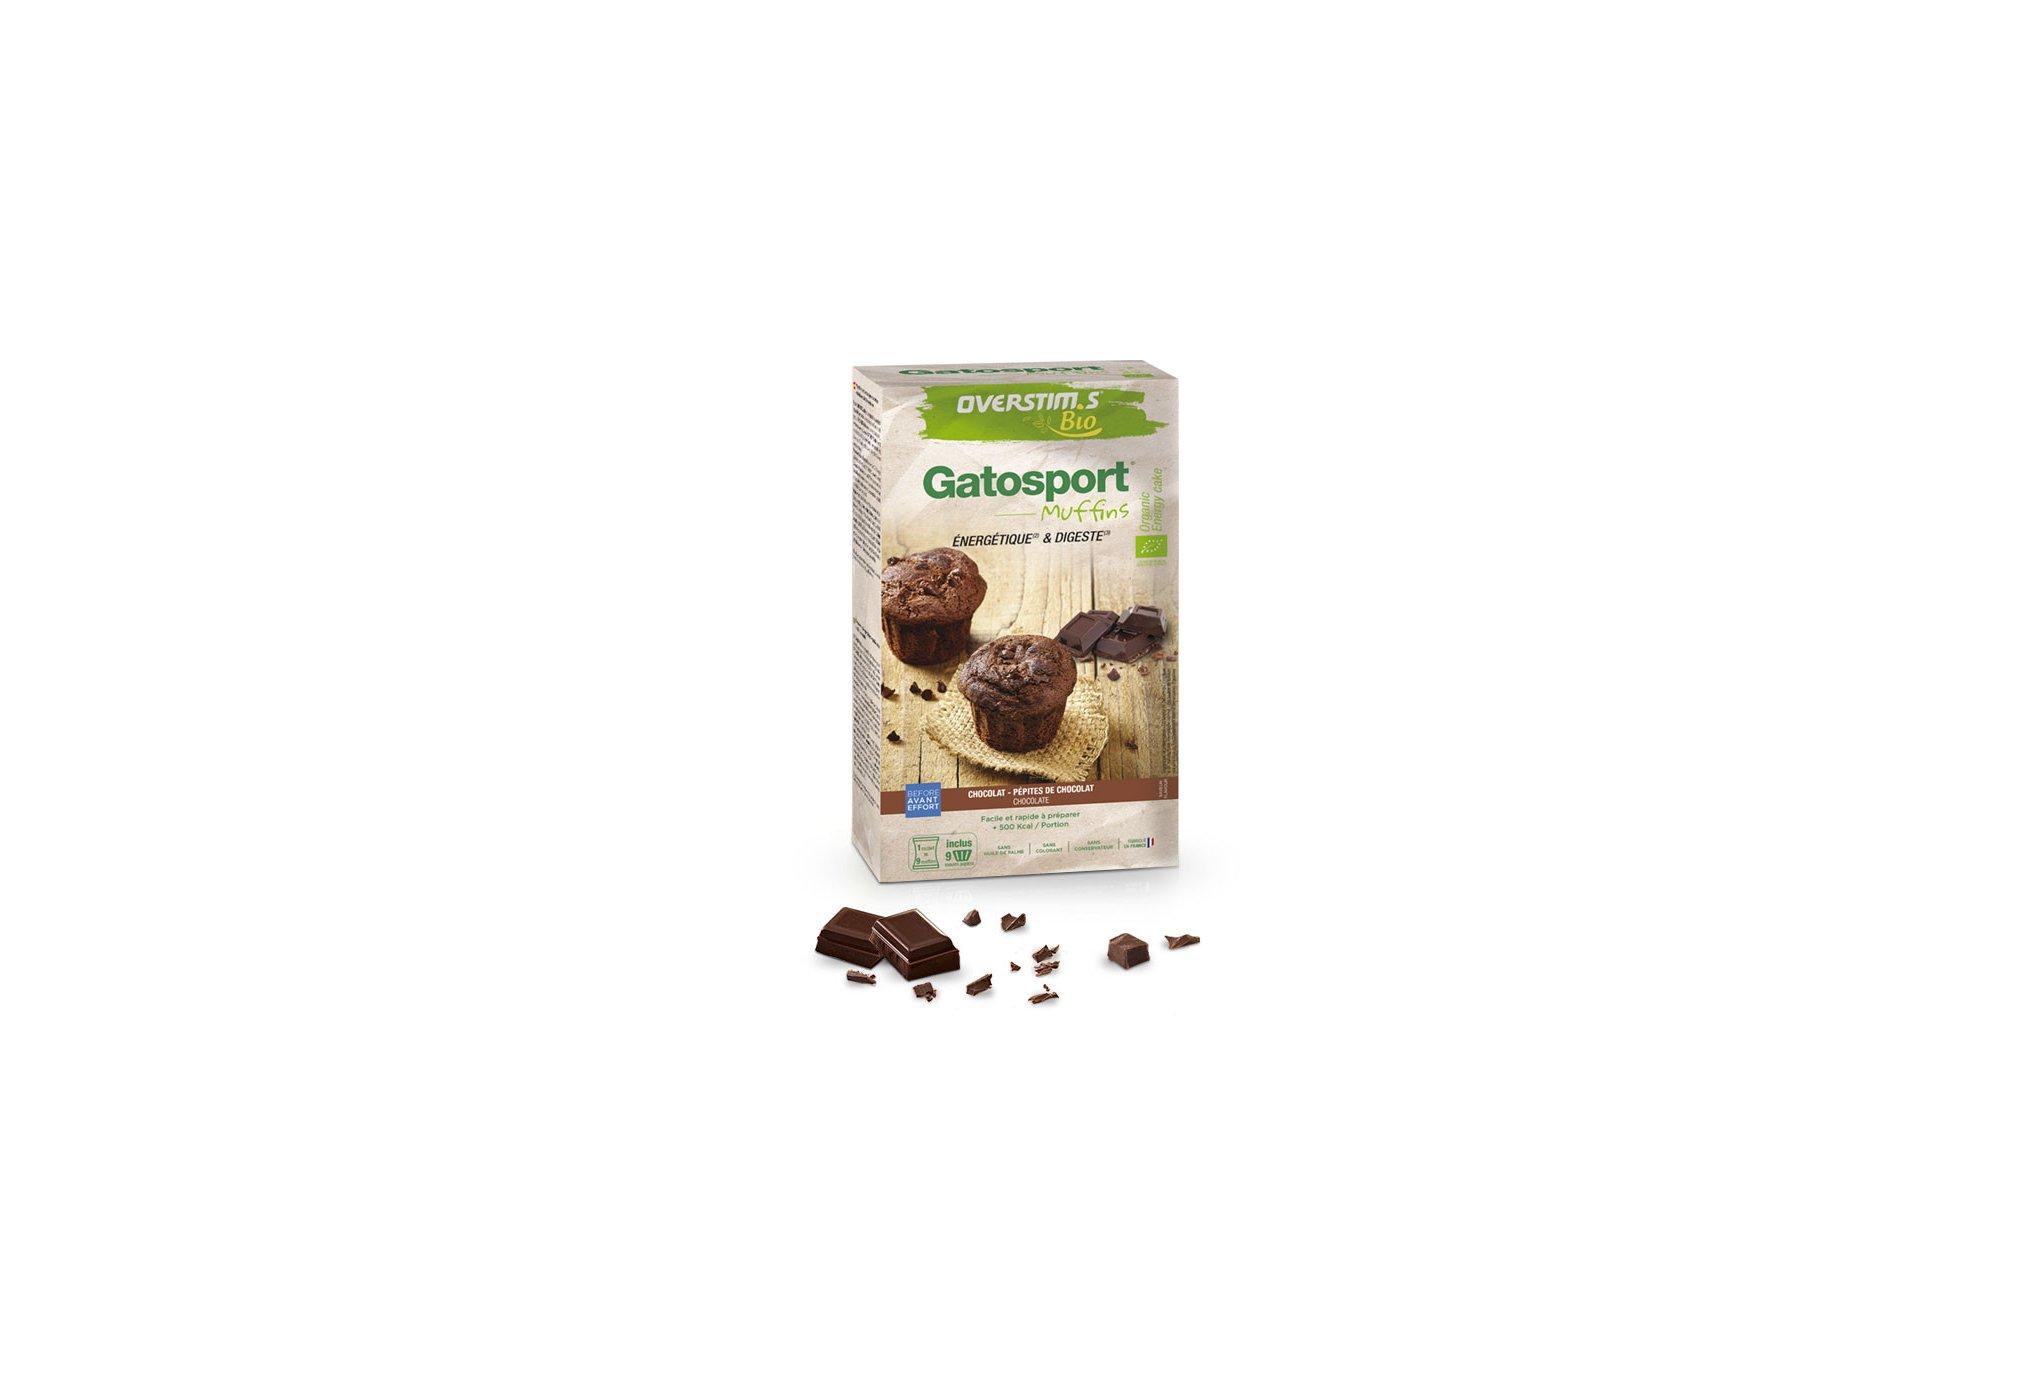 OVERSTIMS Gatosport Muffins Bio 400 g - Chocolat et pépites de chocolat Diététique Préparation